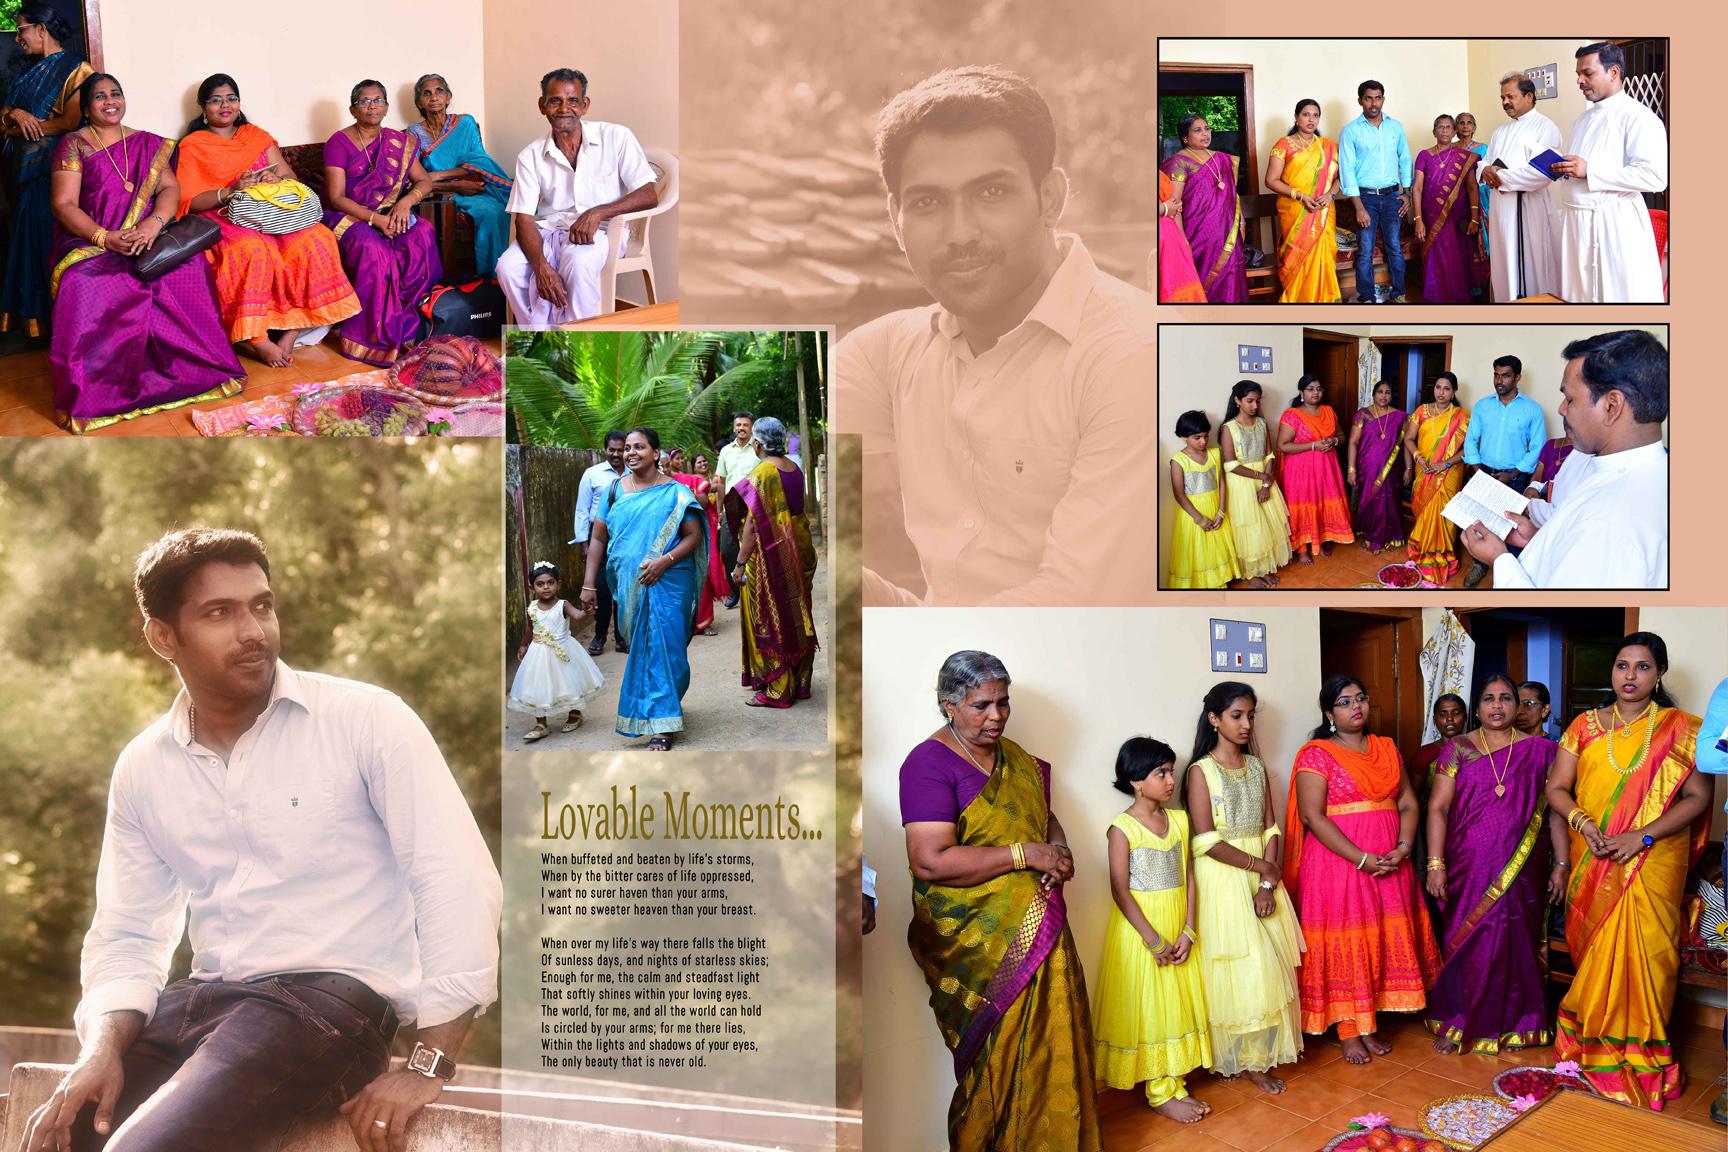 images/album/ramesh/engagement_album_2.jpg